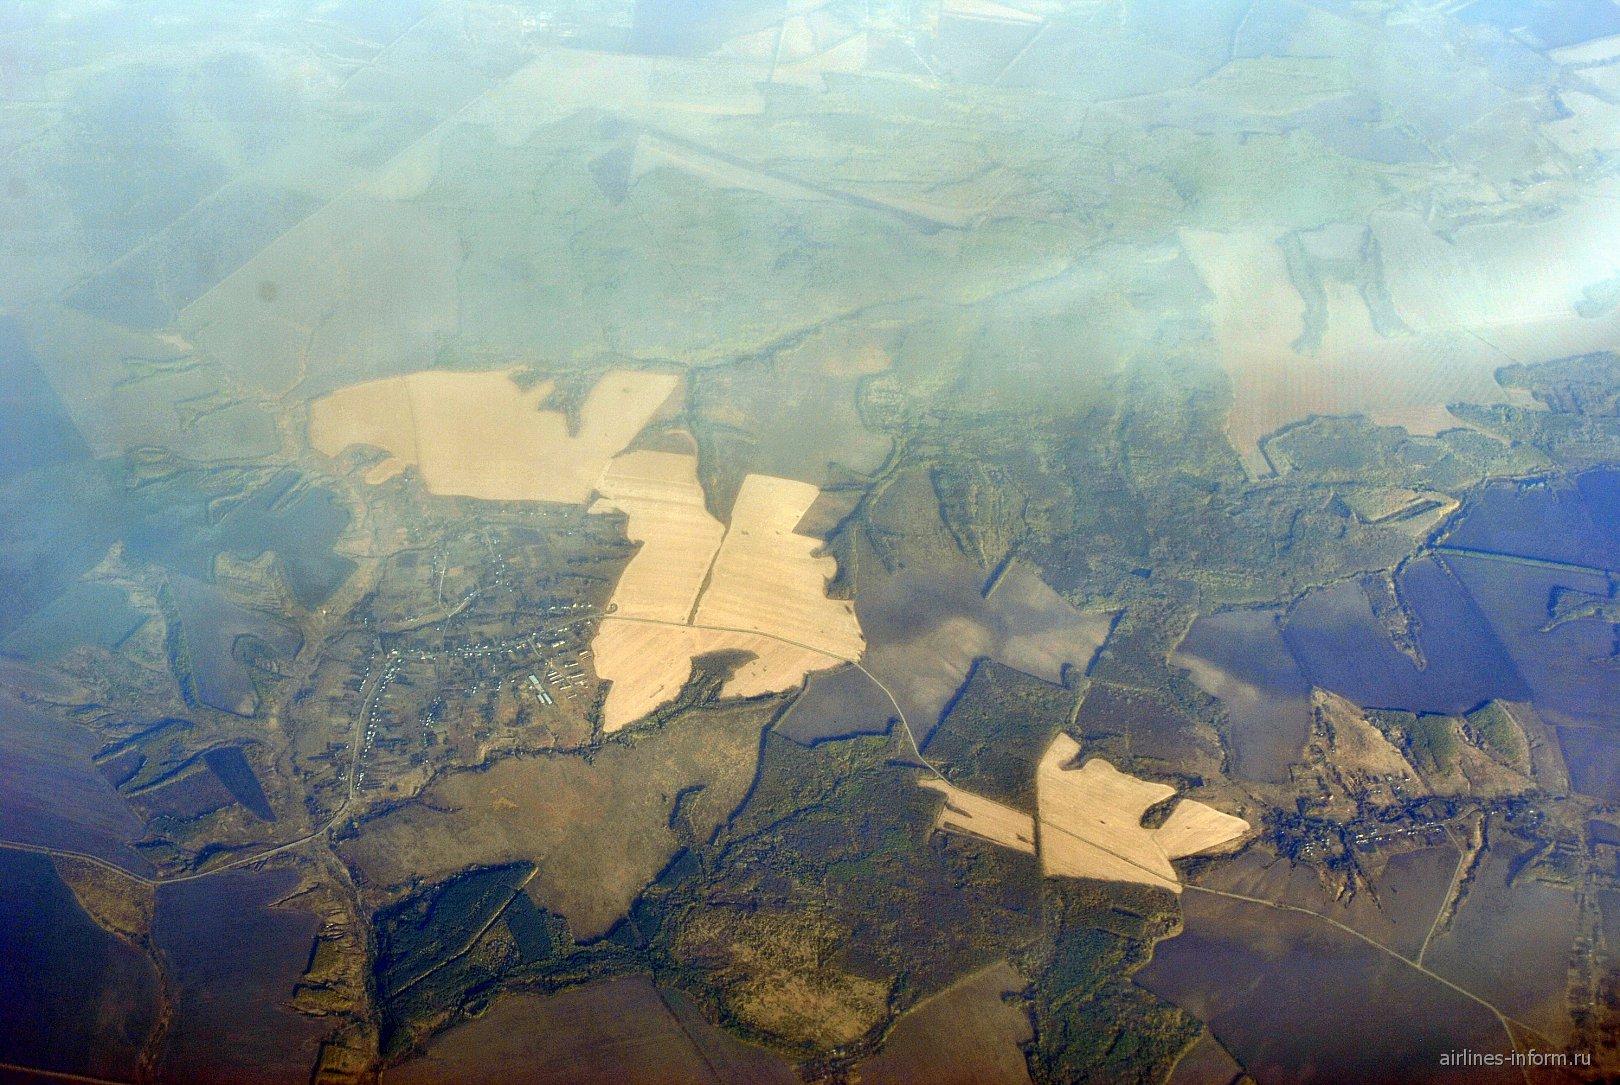 В полете над центральной частью России